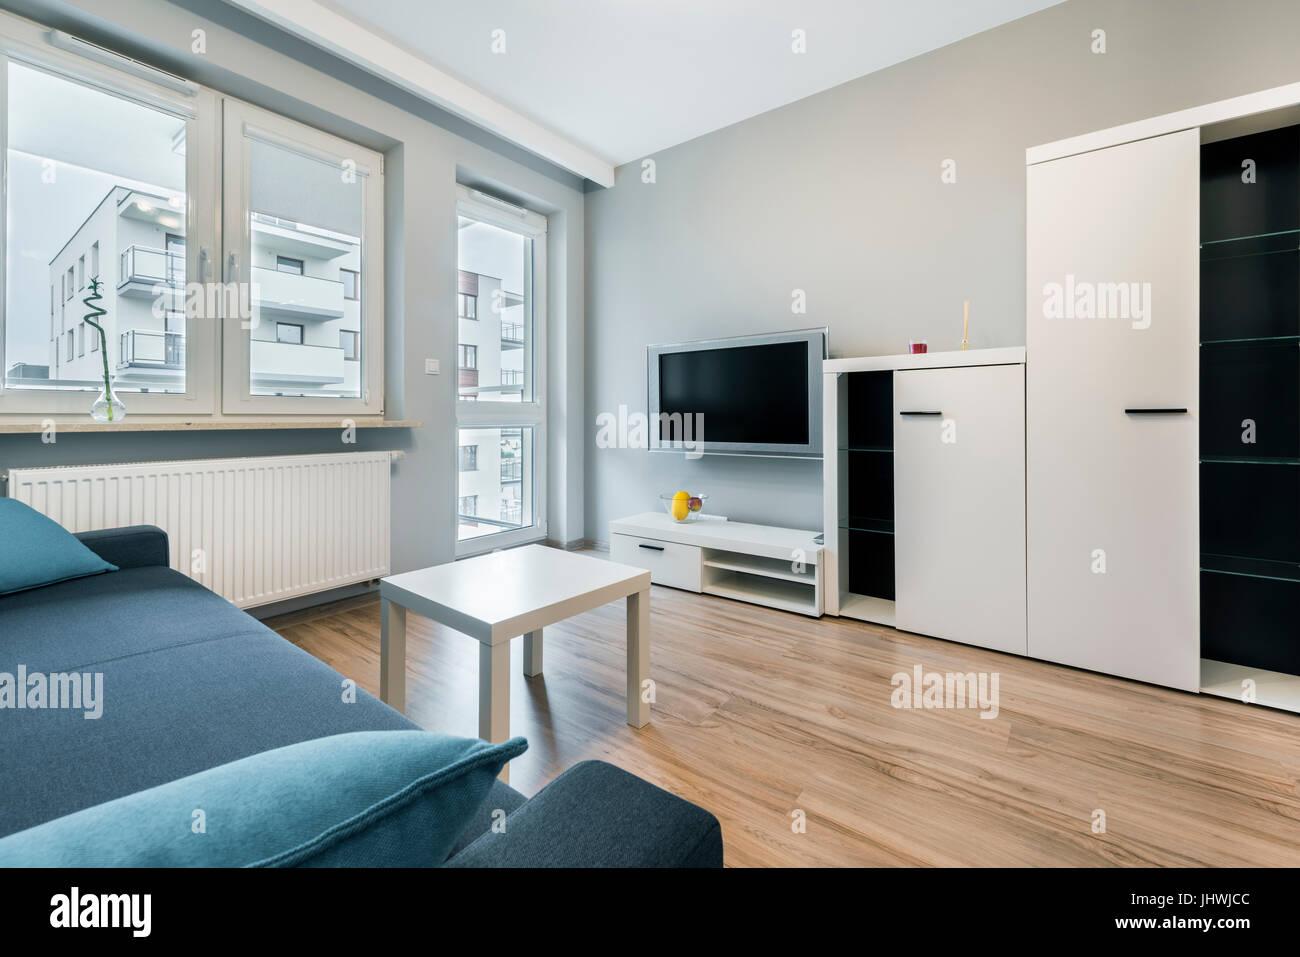 Pareti Soggiorno Grigio : Soggiorno moderno con pareti di colore grigio e blu divano foto